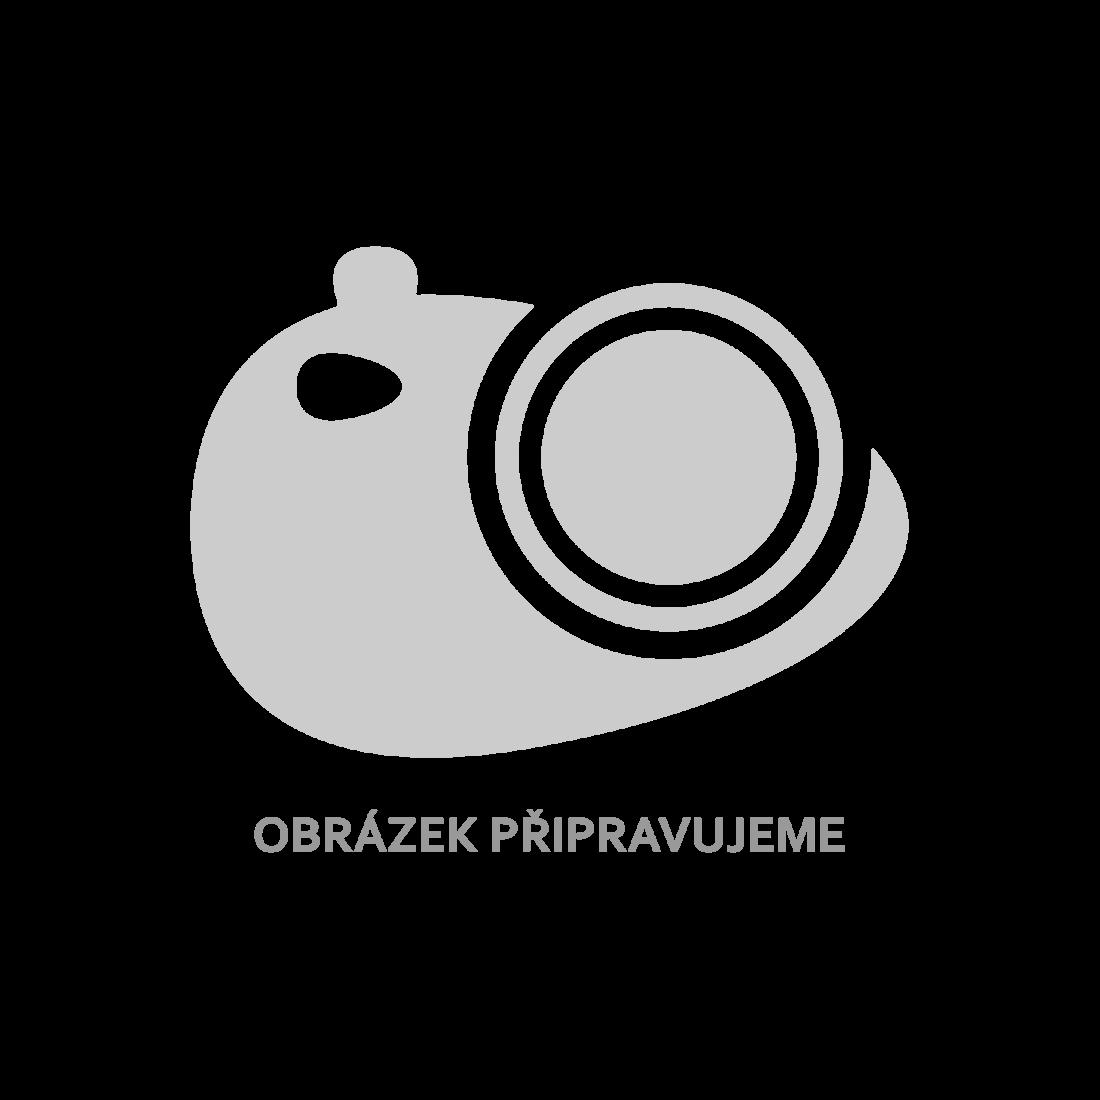 vidaXL Stoličky s úložným prostorem 3 ks zelené sametové [3070663]